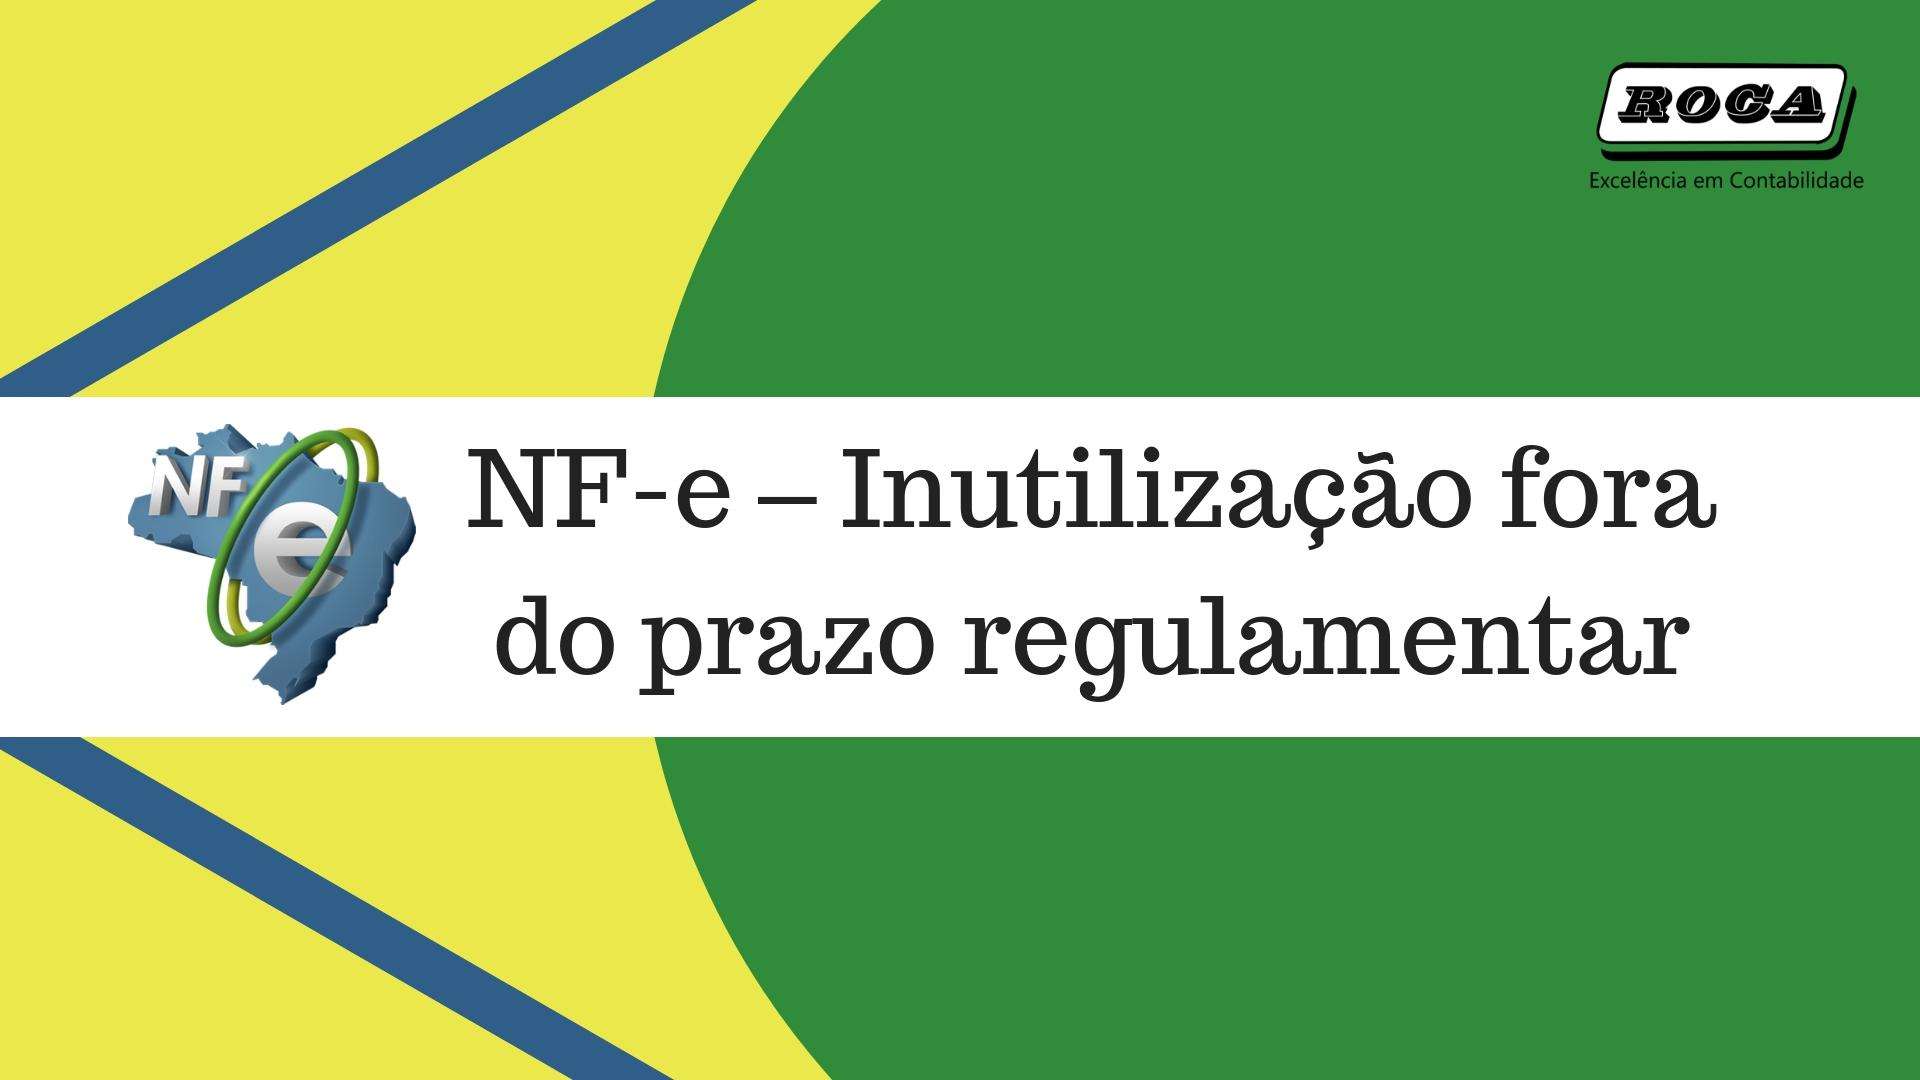 NF-e – Inutilização Fora Do Prazo Regulamentar